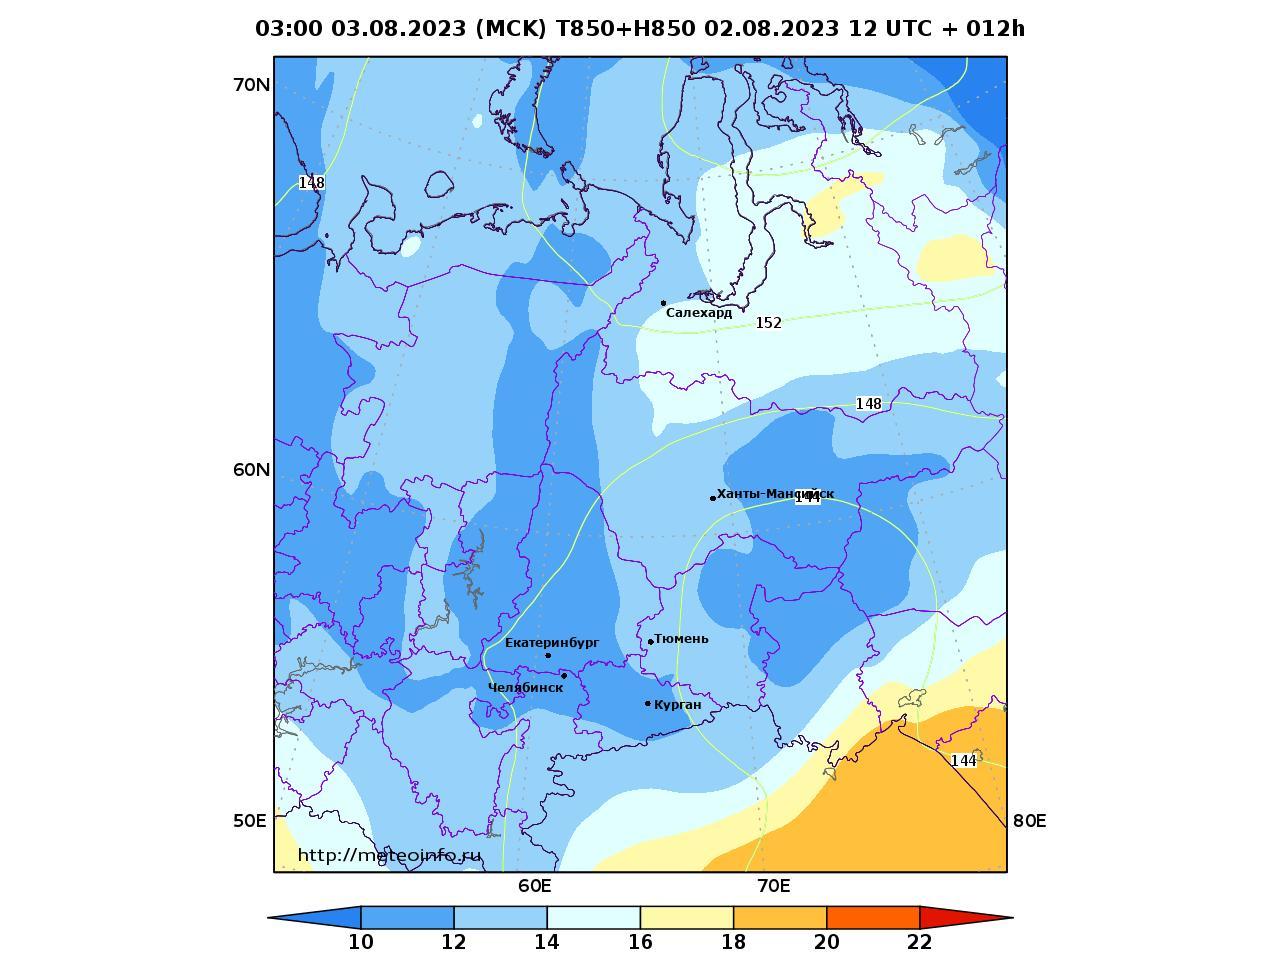 Уральский Федеральный округ, прогностическая карта температура T850 и геопотенциал H850, заблаговременность прогноза 12 часов